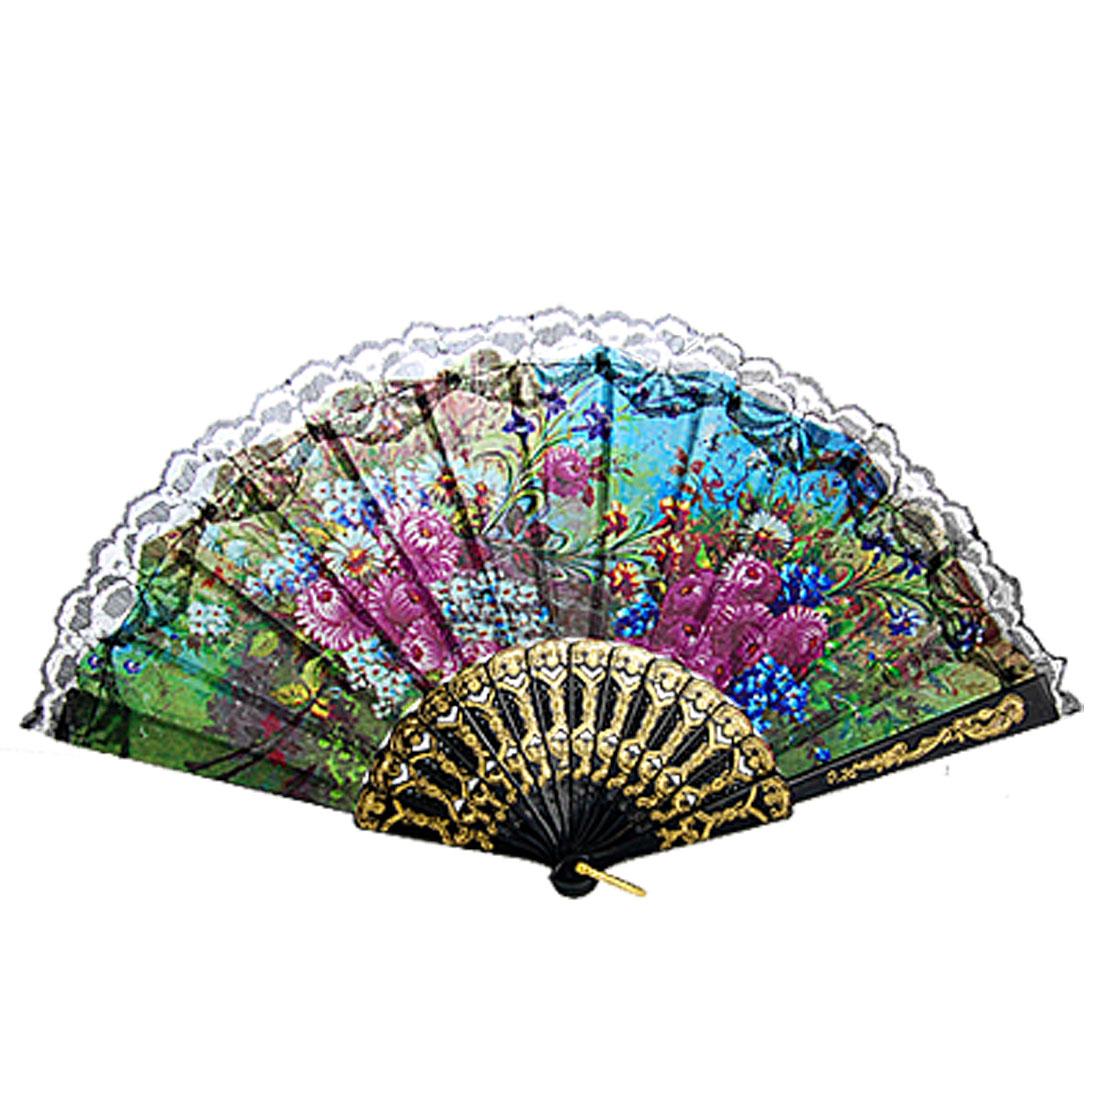 Colorful Floral Pattern Lace Trim Accent Cutout Hand Folding Fan